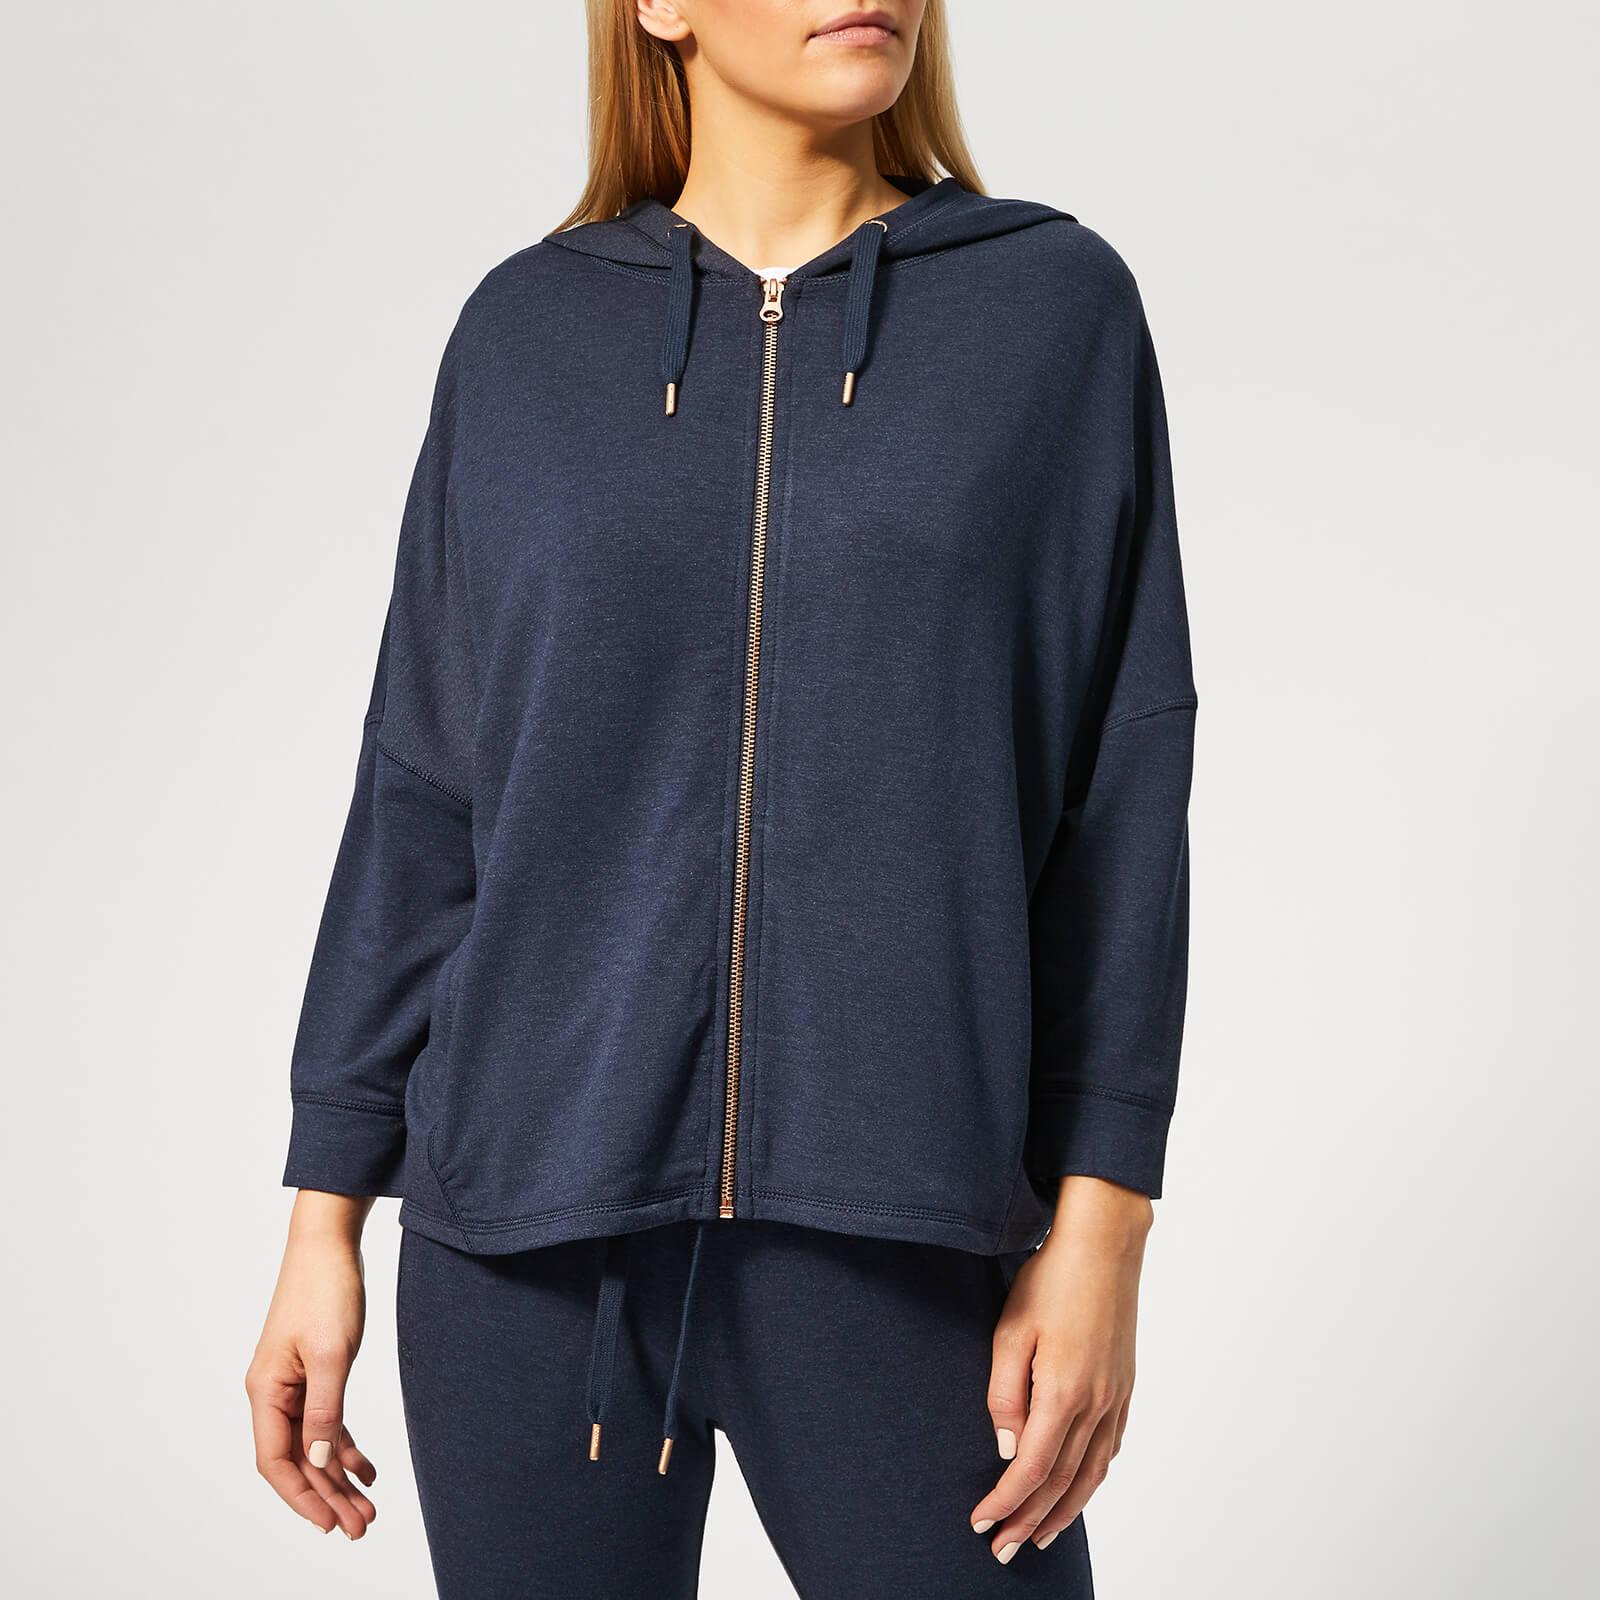 Superdry Sport Women's Active Studio Luxe Zip Hoody - Eclipse Navy Marl - S - Blue